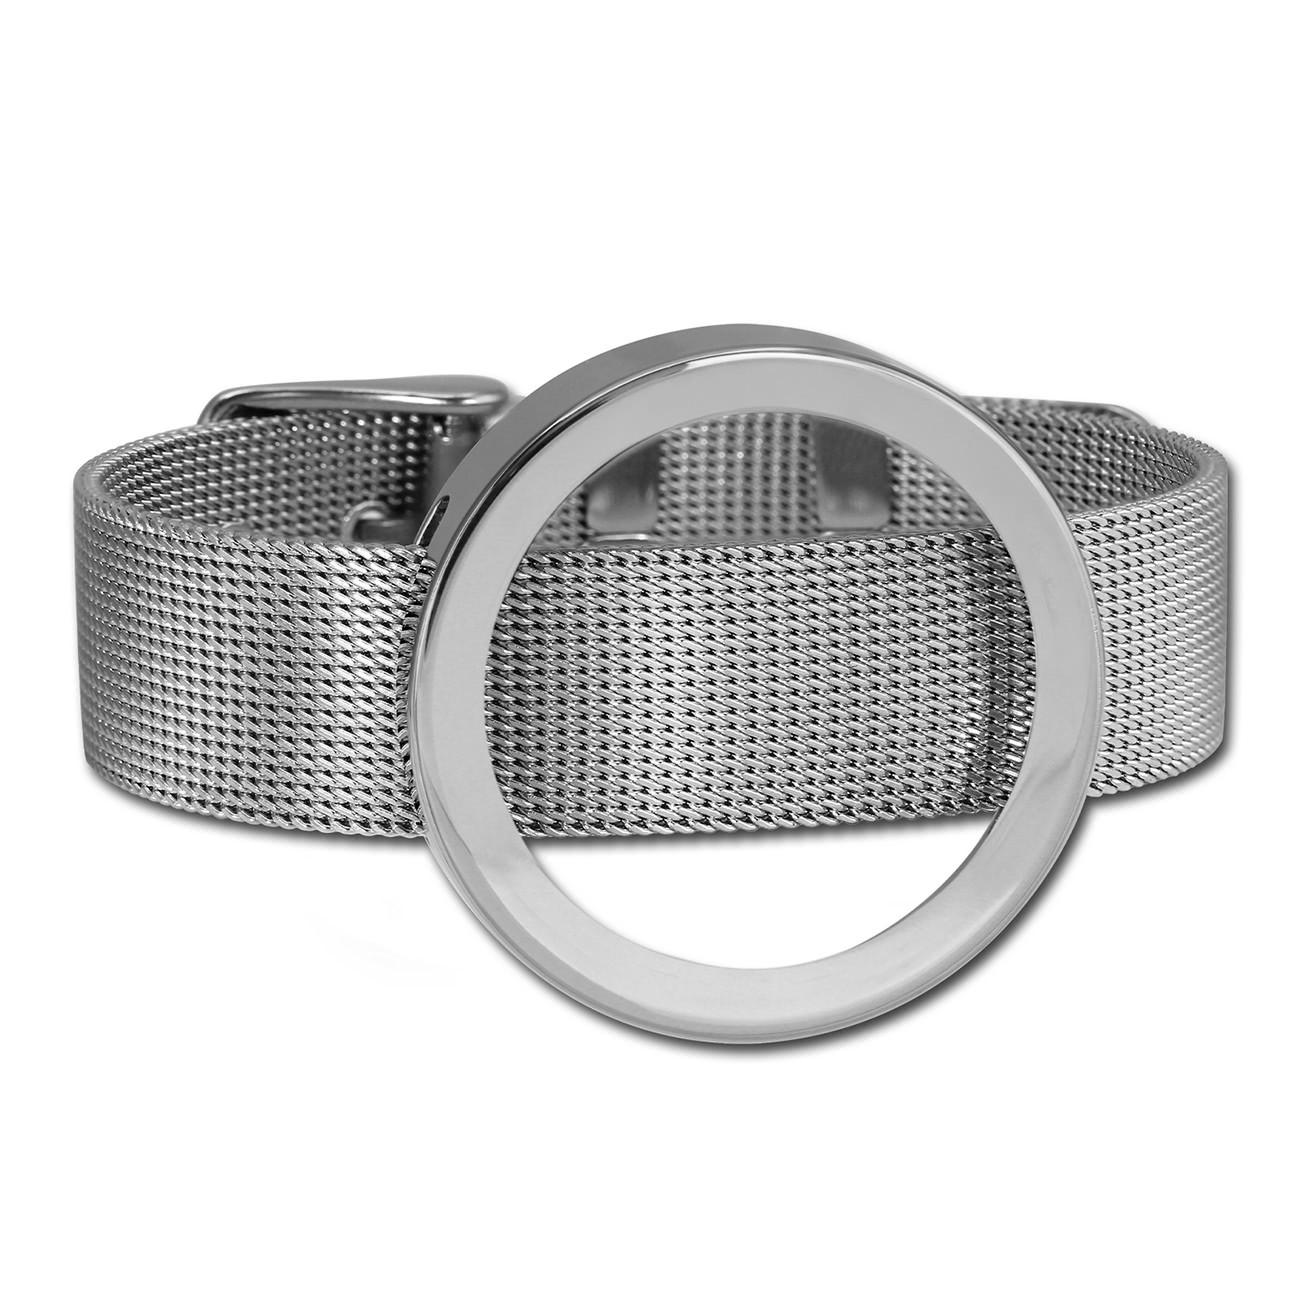 Amello Edelstahl Armband mit Coin Fassung 30mm silber Stahl Schmuck ESCA07J